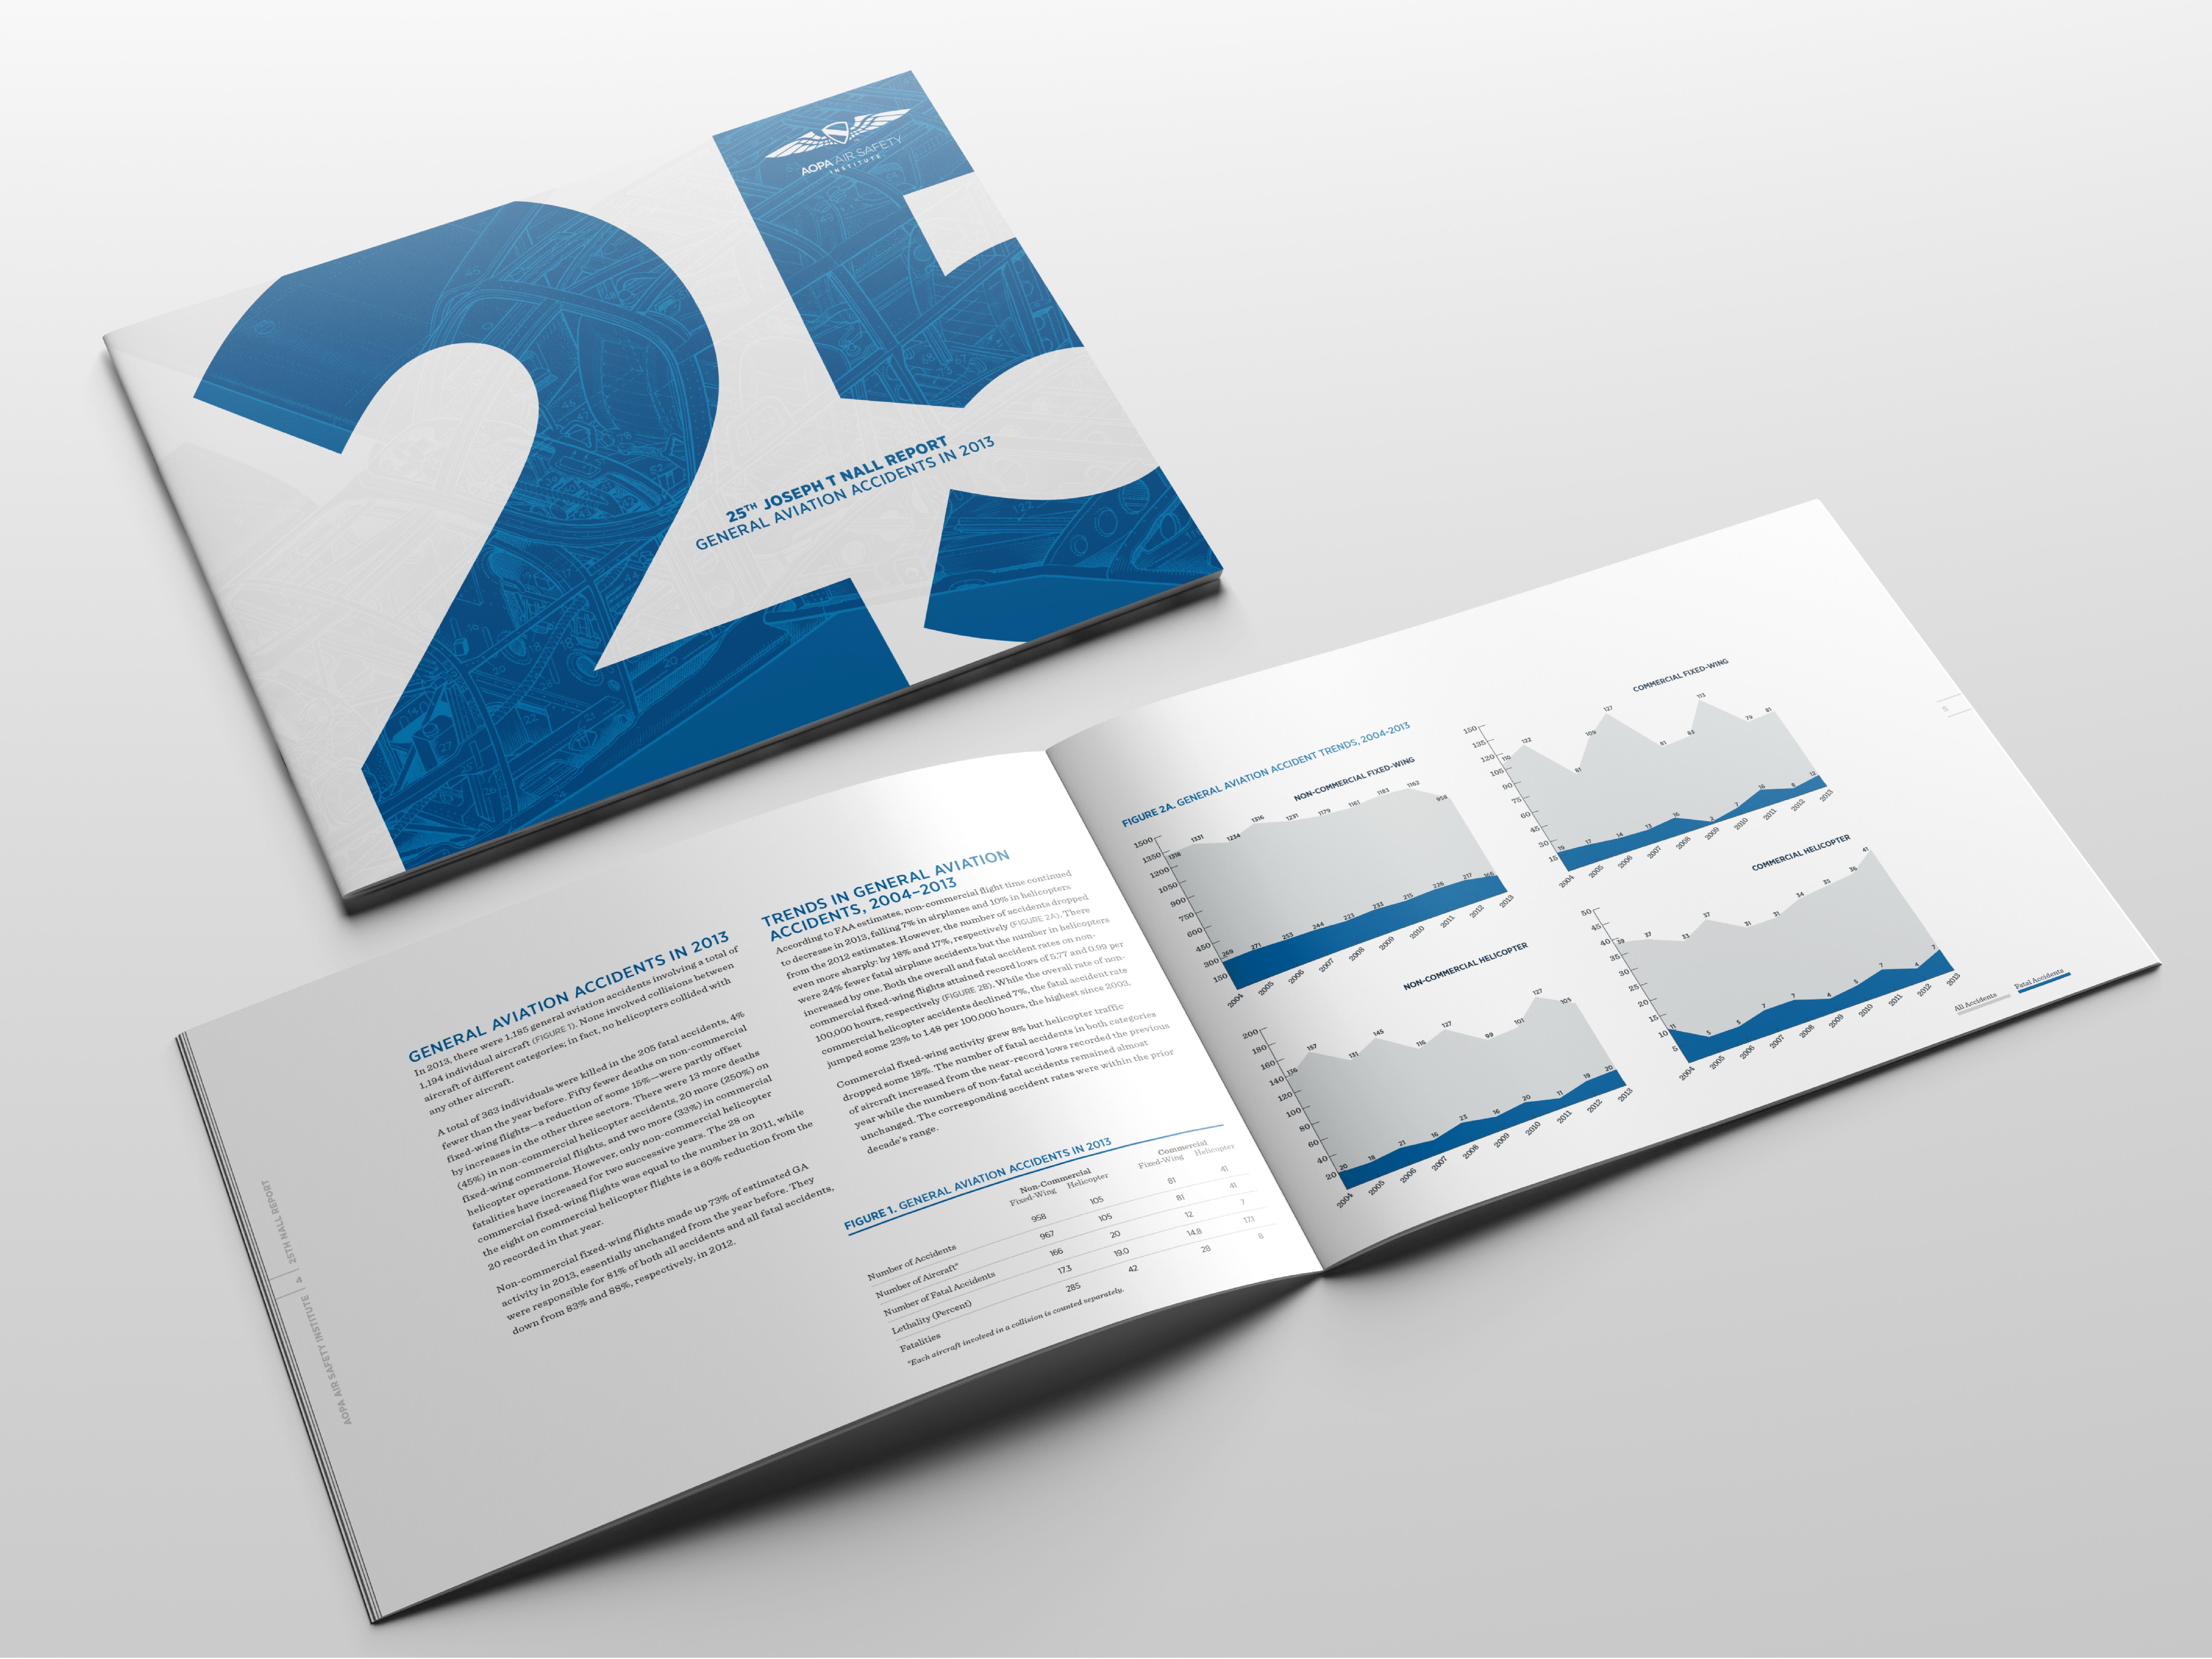 25th Anniversary Nall Report